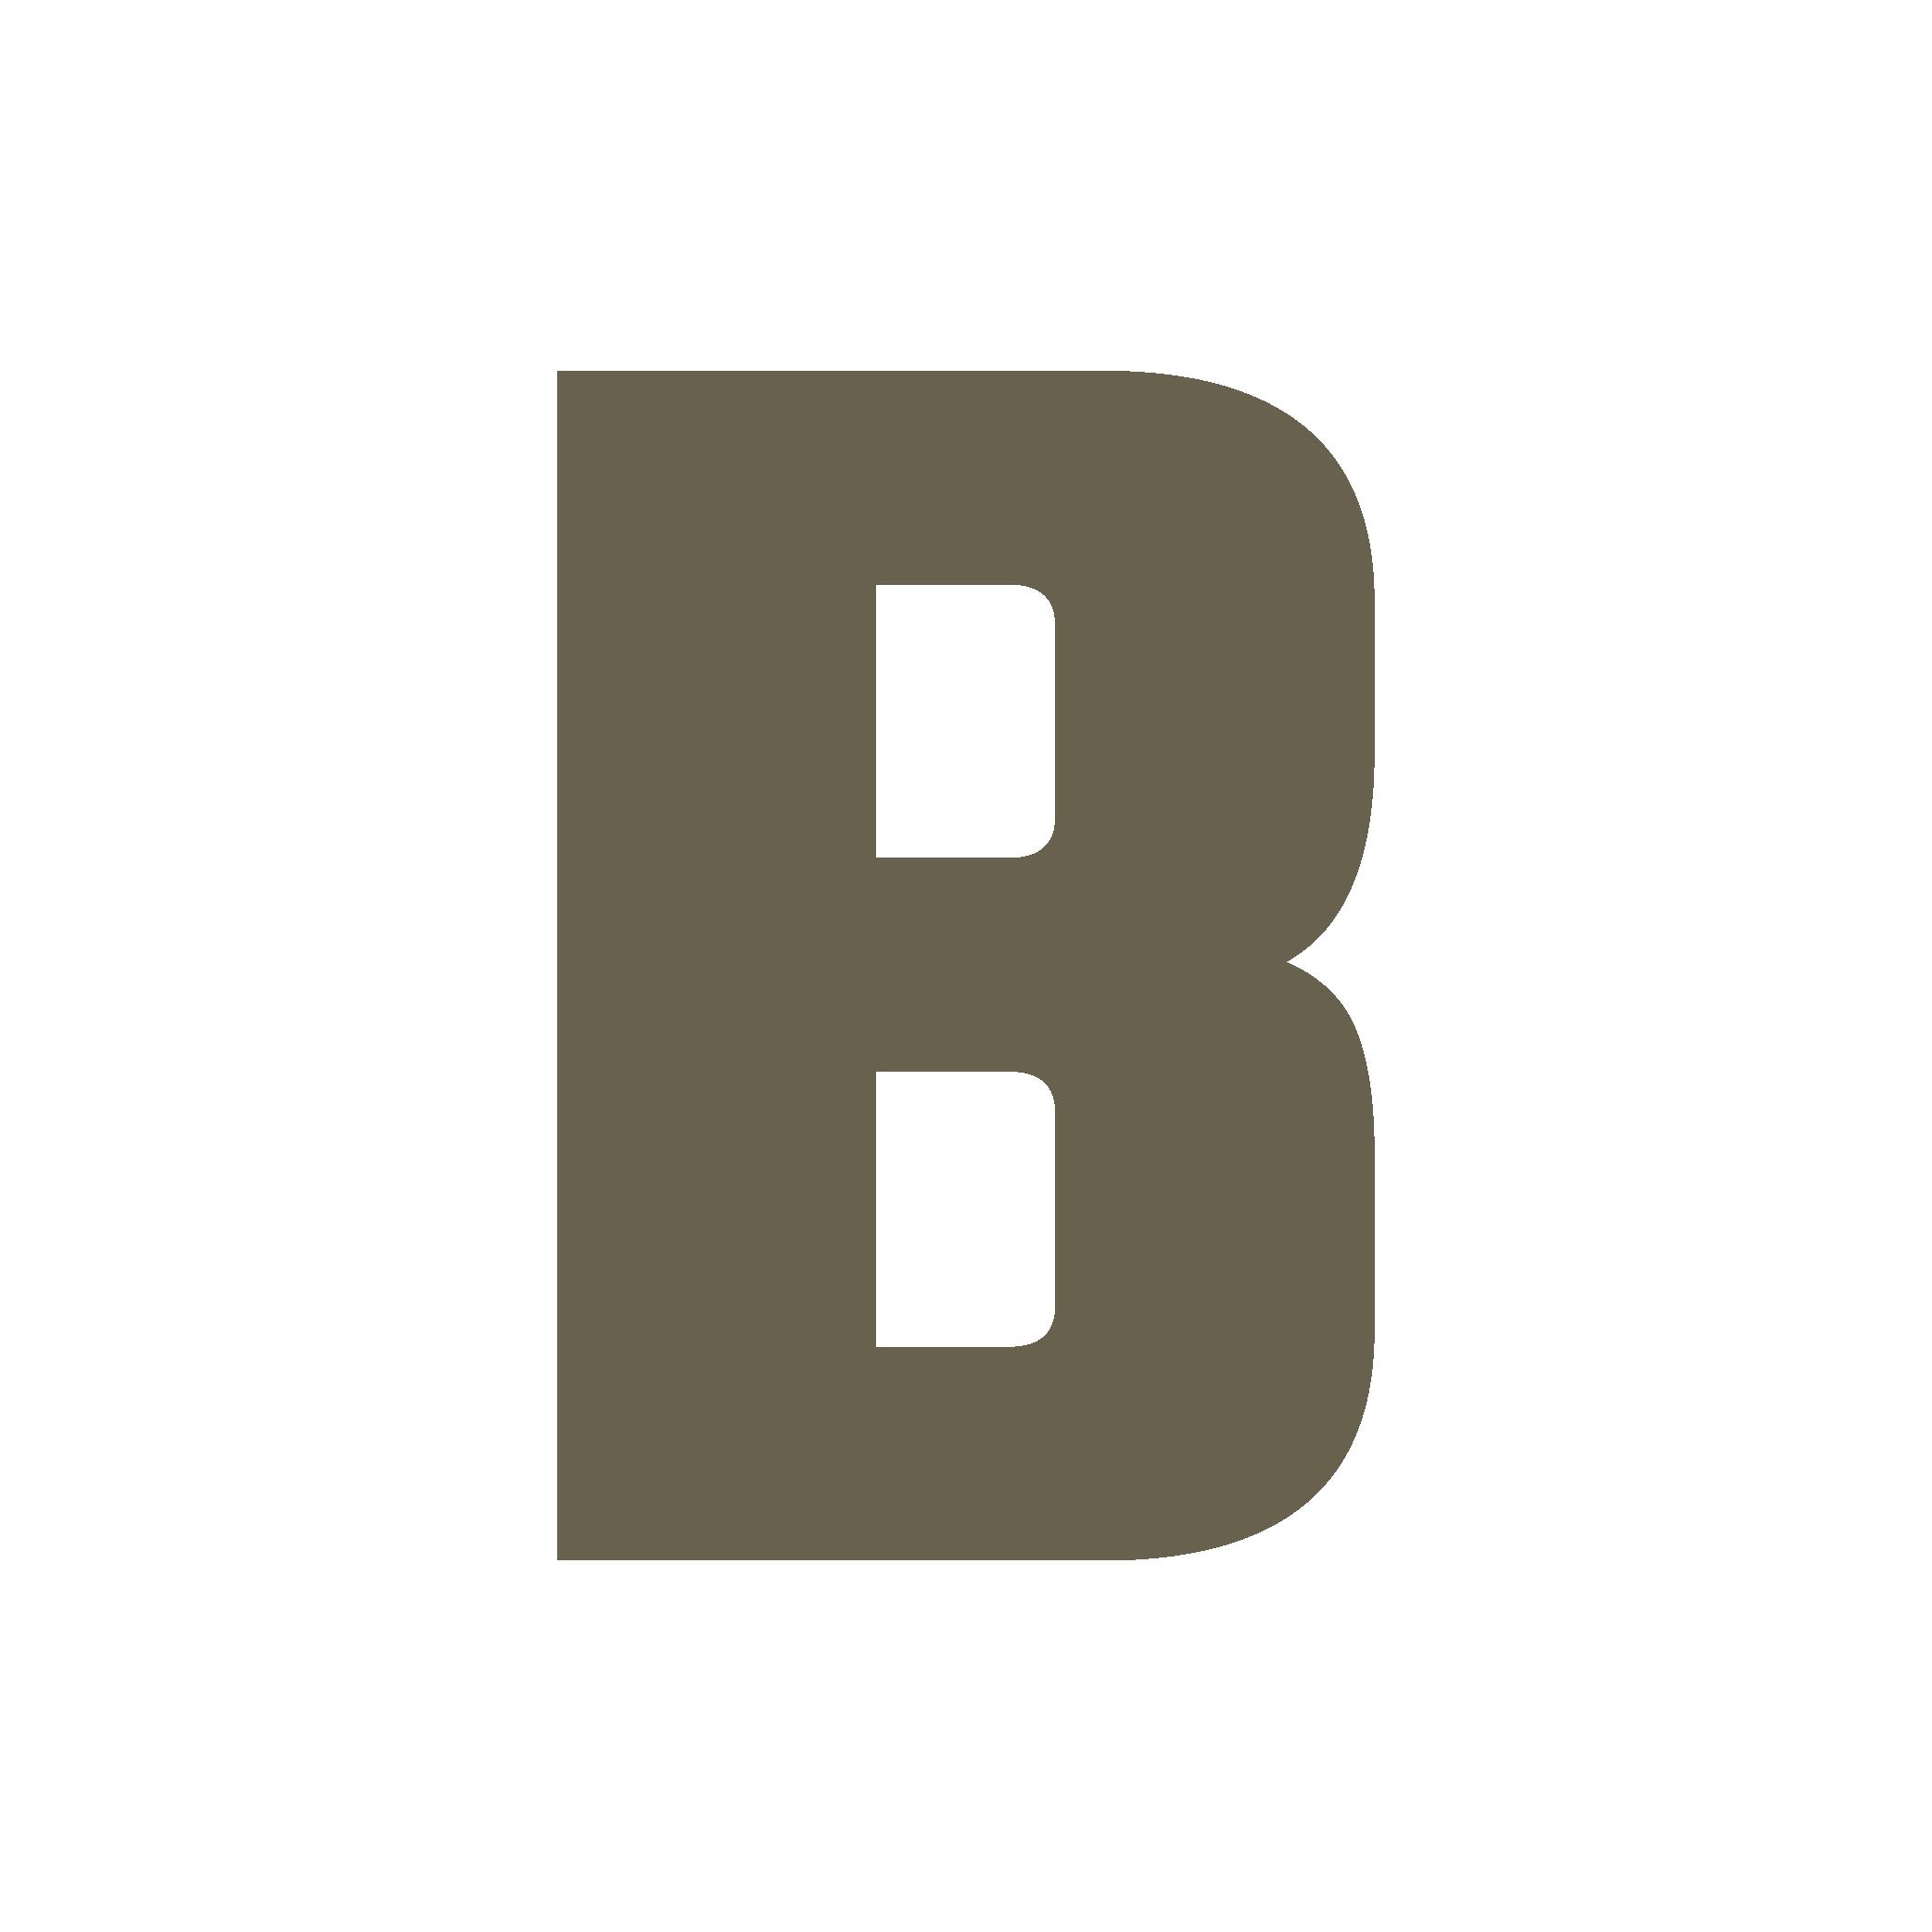 B.E.A.C.H. Noordwijk